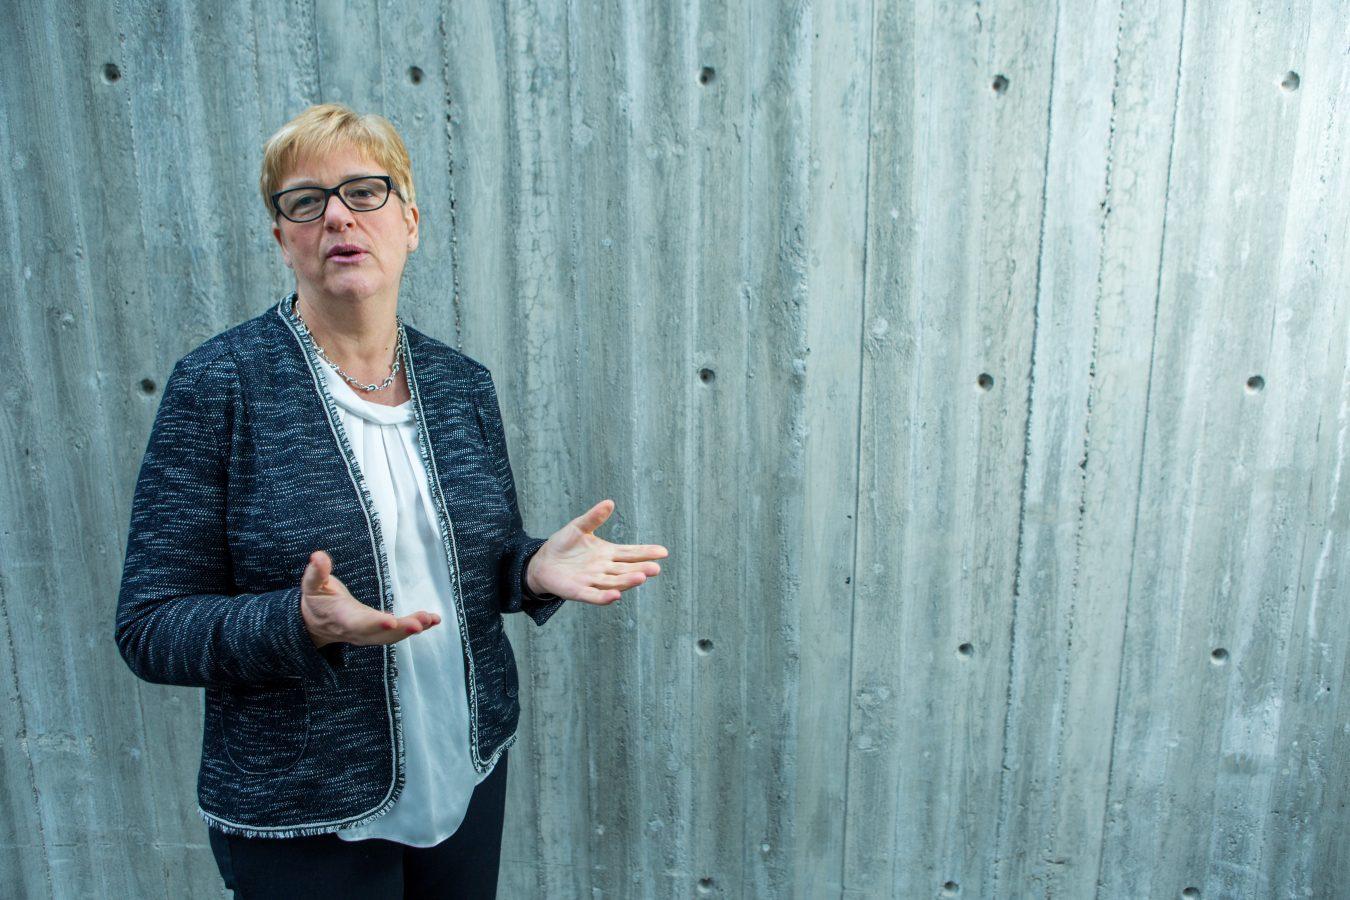 YS-leder Jorunn Berland står foran en grå vegg. Hun snakker, og gestikulerer med åpne hender.